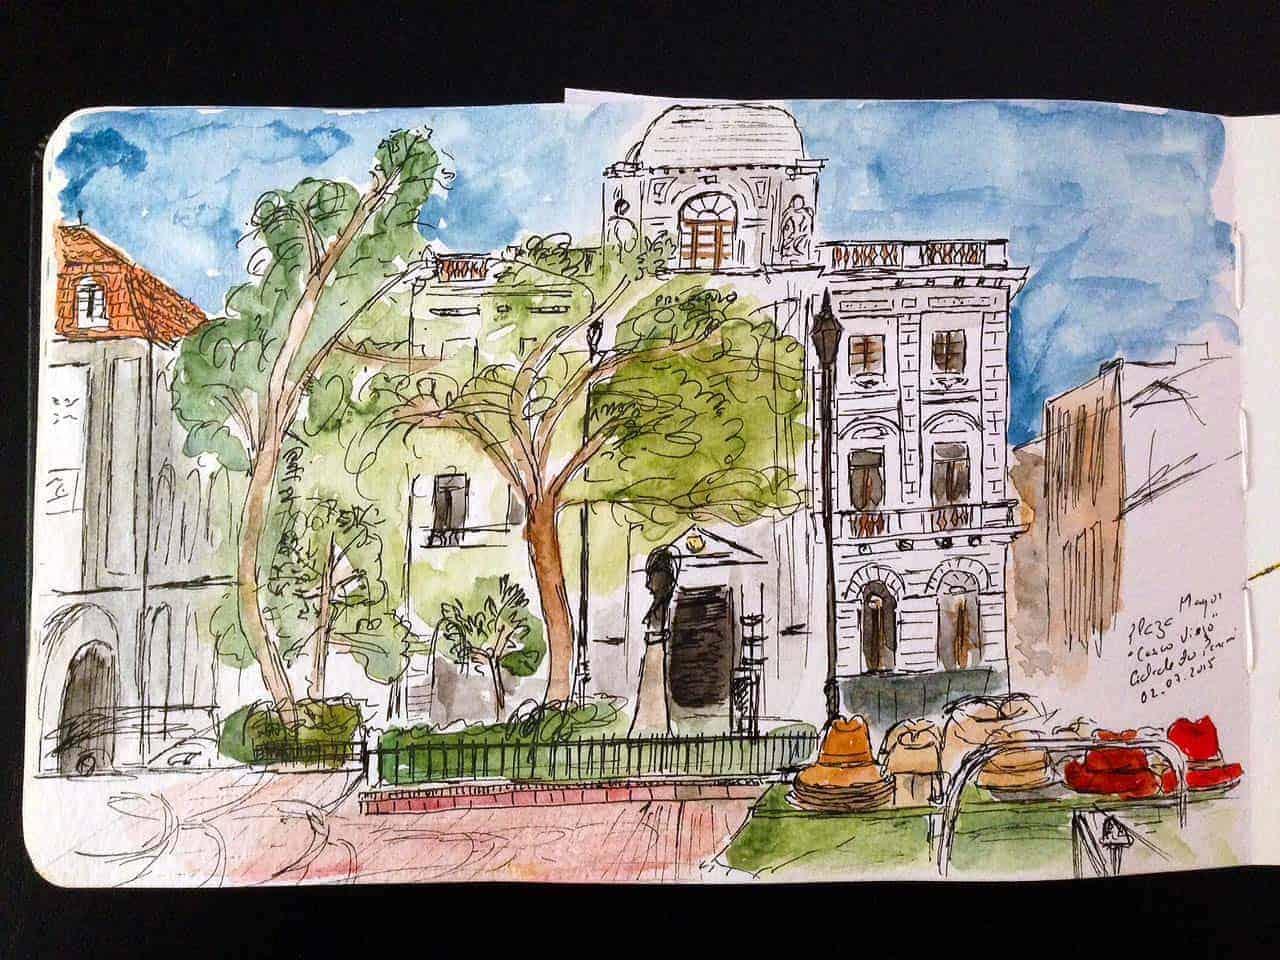 Casco viejo cidade do panam em sketchs alma de viajante - Casco antiguo de lisboa ...